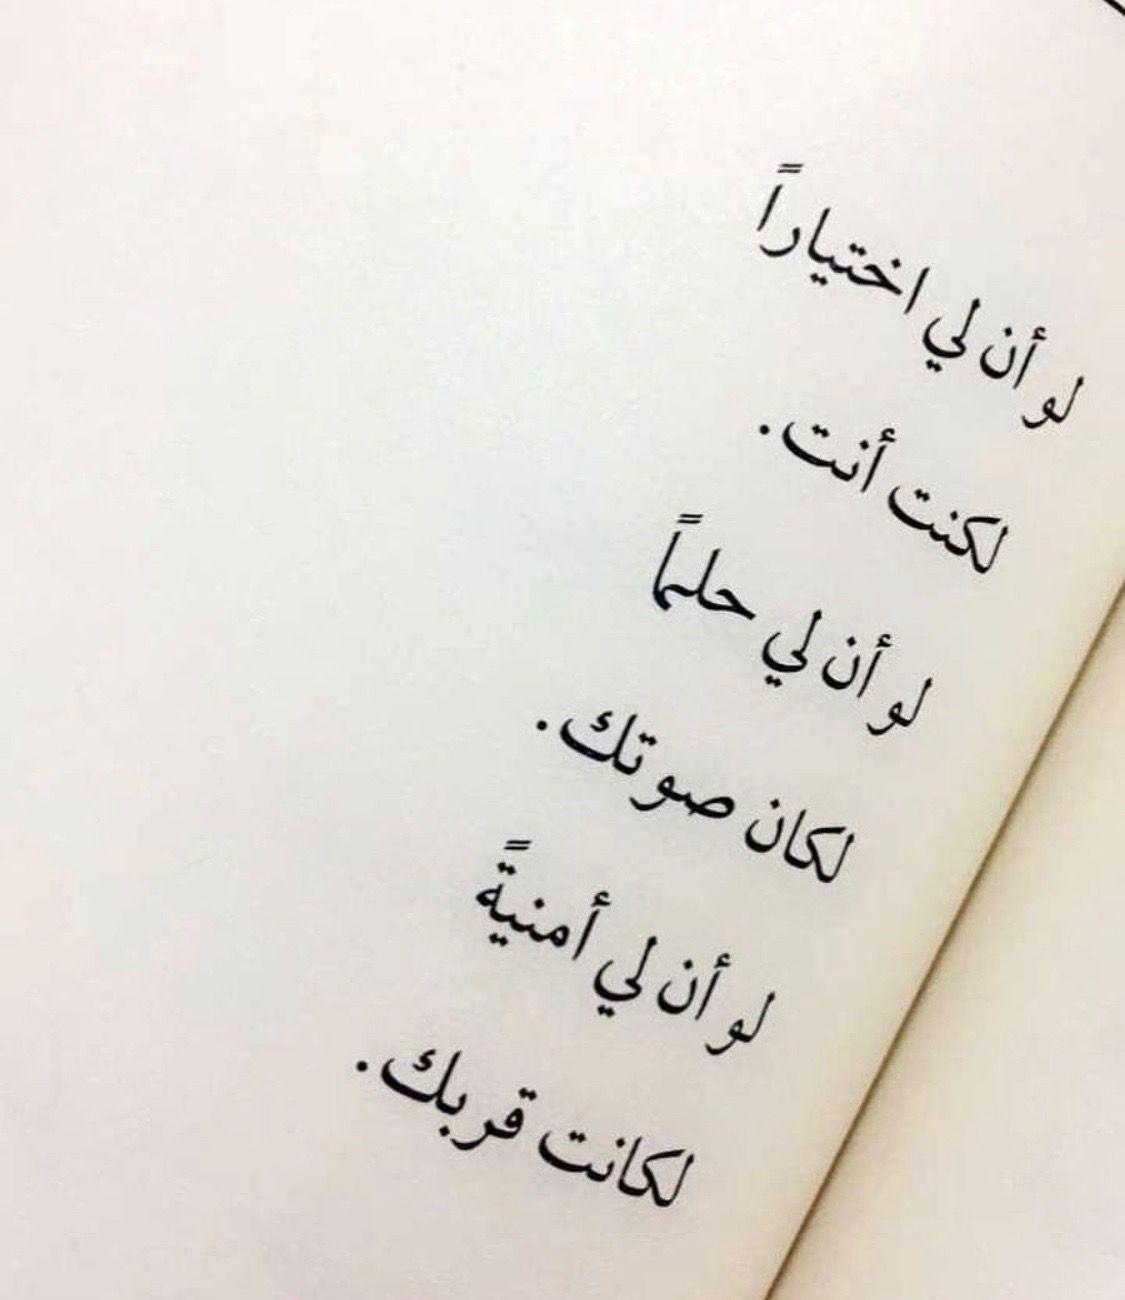 هذا ماكنت ولازلت اختاره هذا ماحلمت به ولازلت احلم به هذا ماتمنيته ولازلت اتمناه Love Words Romantic Quotes Arabic Quotes